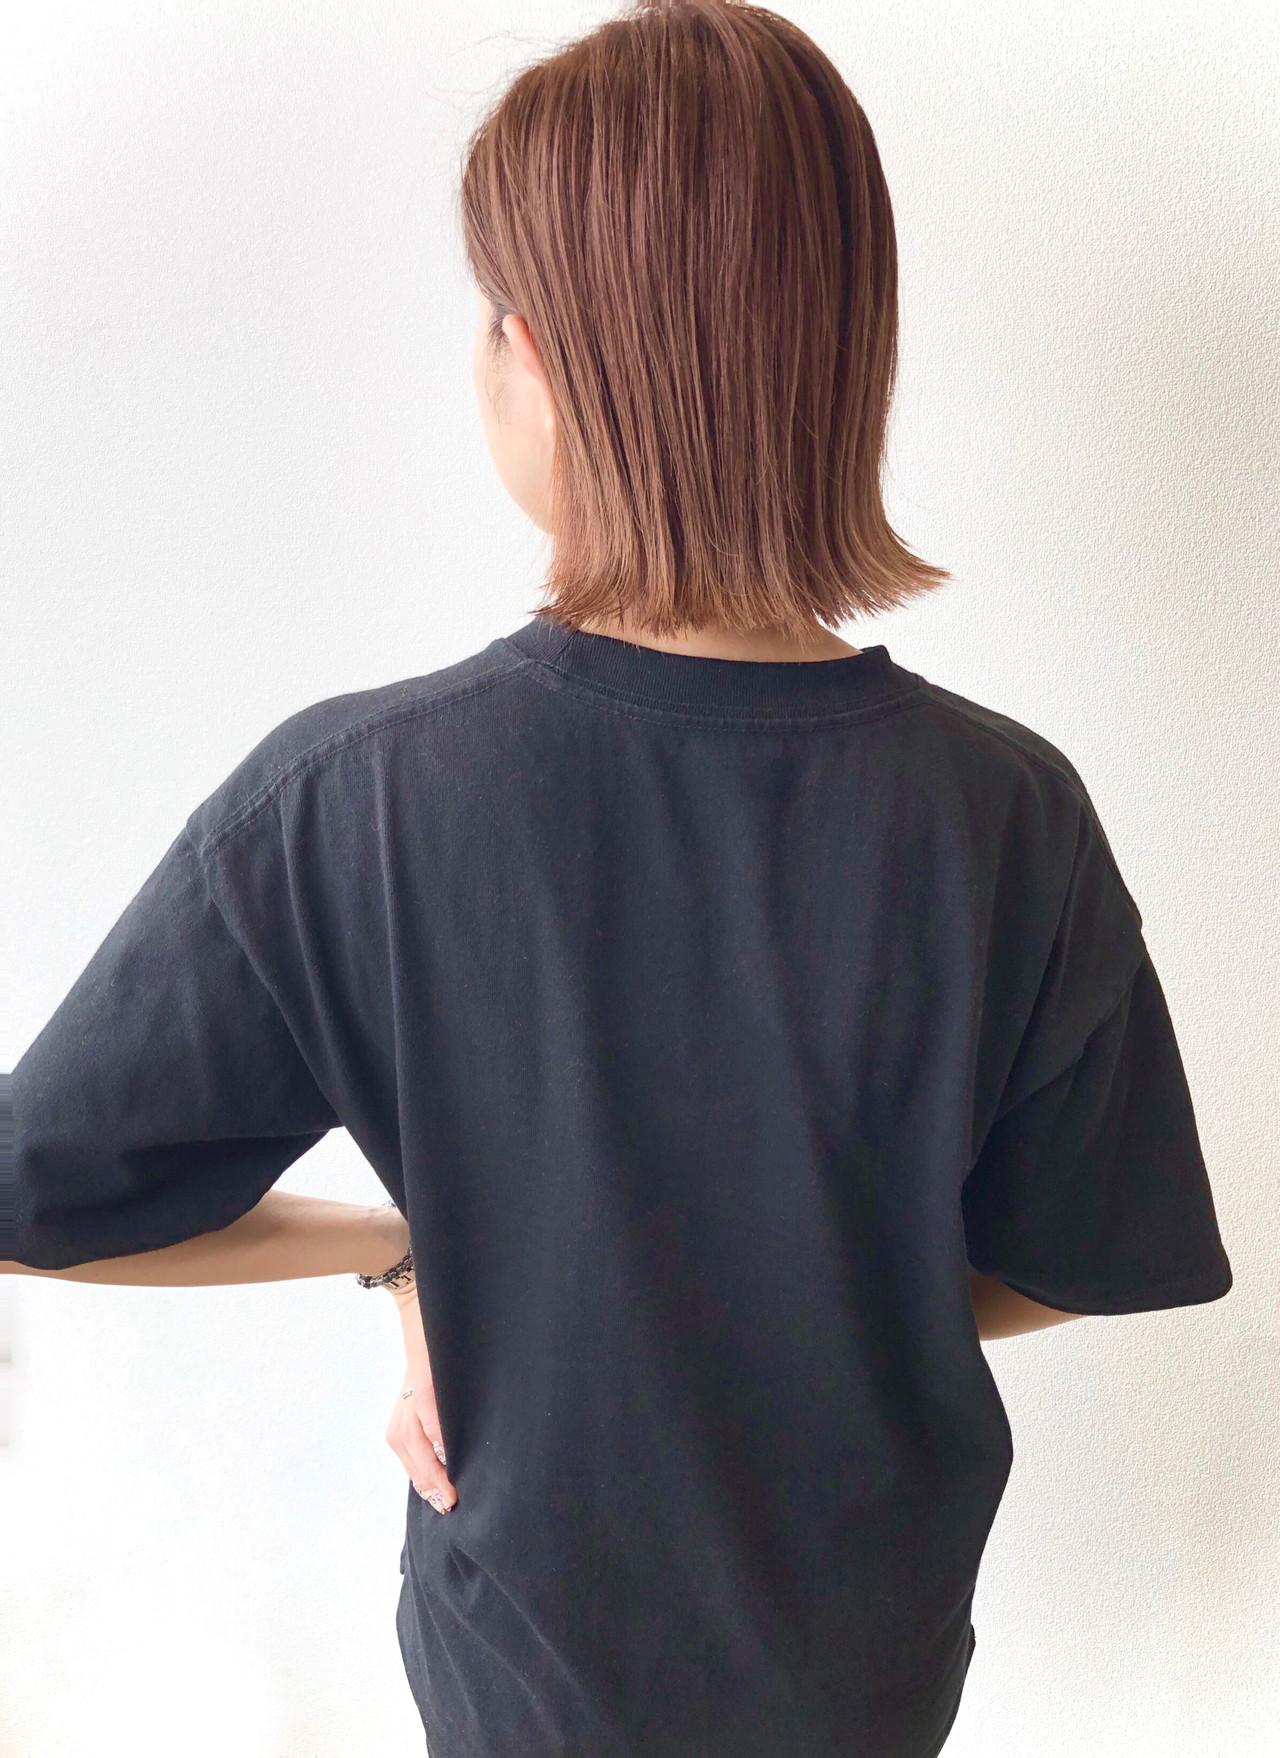 シアーベージュ 外ハネボブ ベージュ 切りっぱなしボブ ヘアスタイルや髪型の写真・画像 | 田中 祐樹 / Tribute Hair&Nail